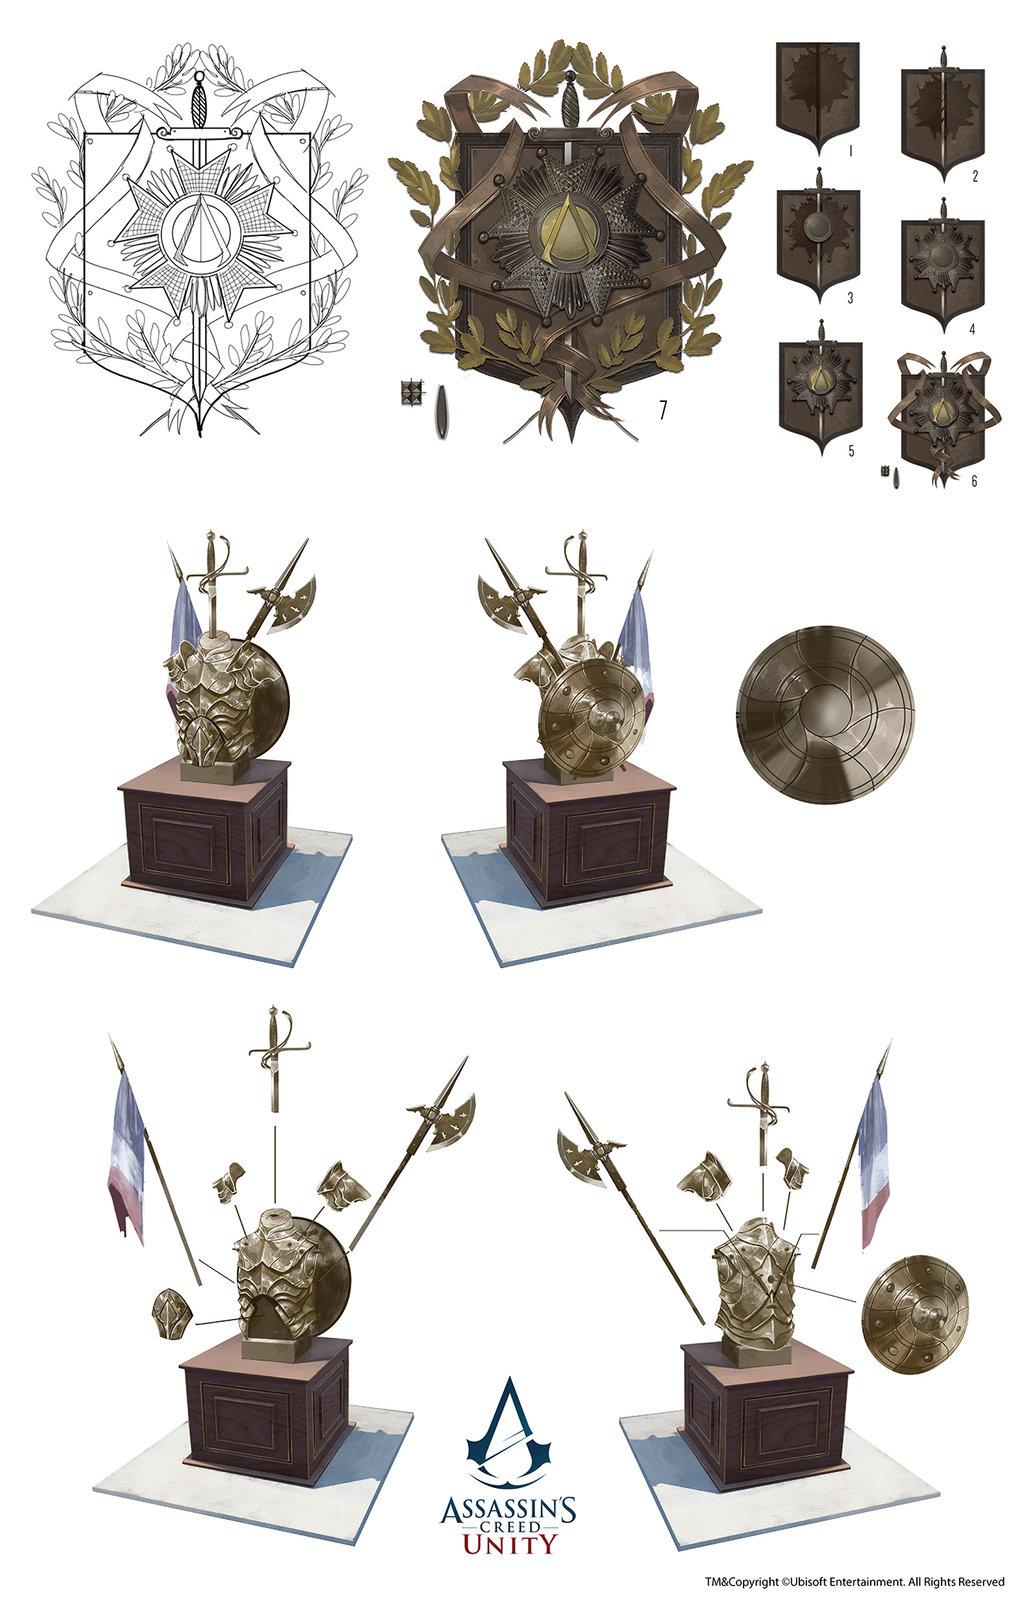 Assassin's Creed Unity /// Café théâtre Trophy room props